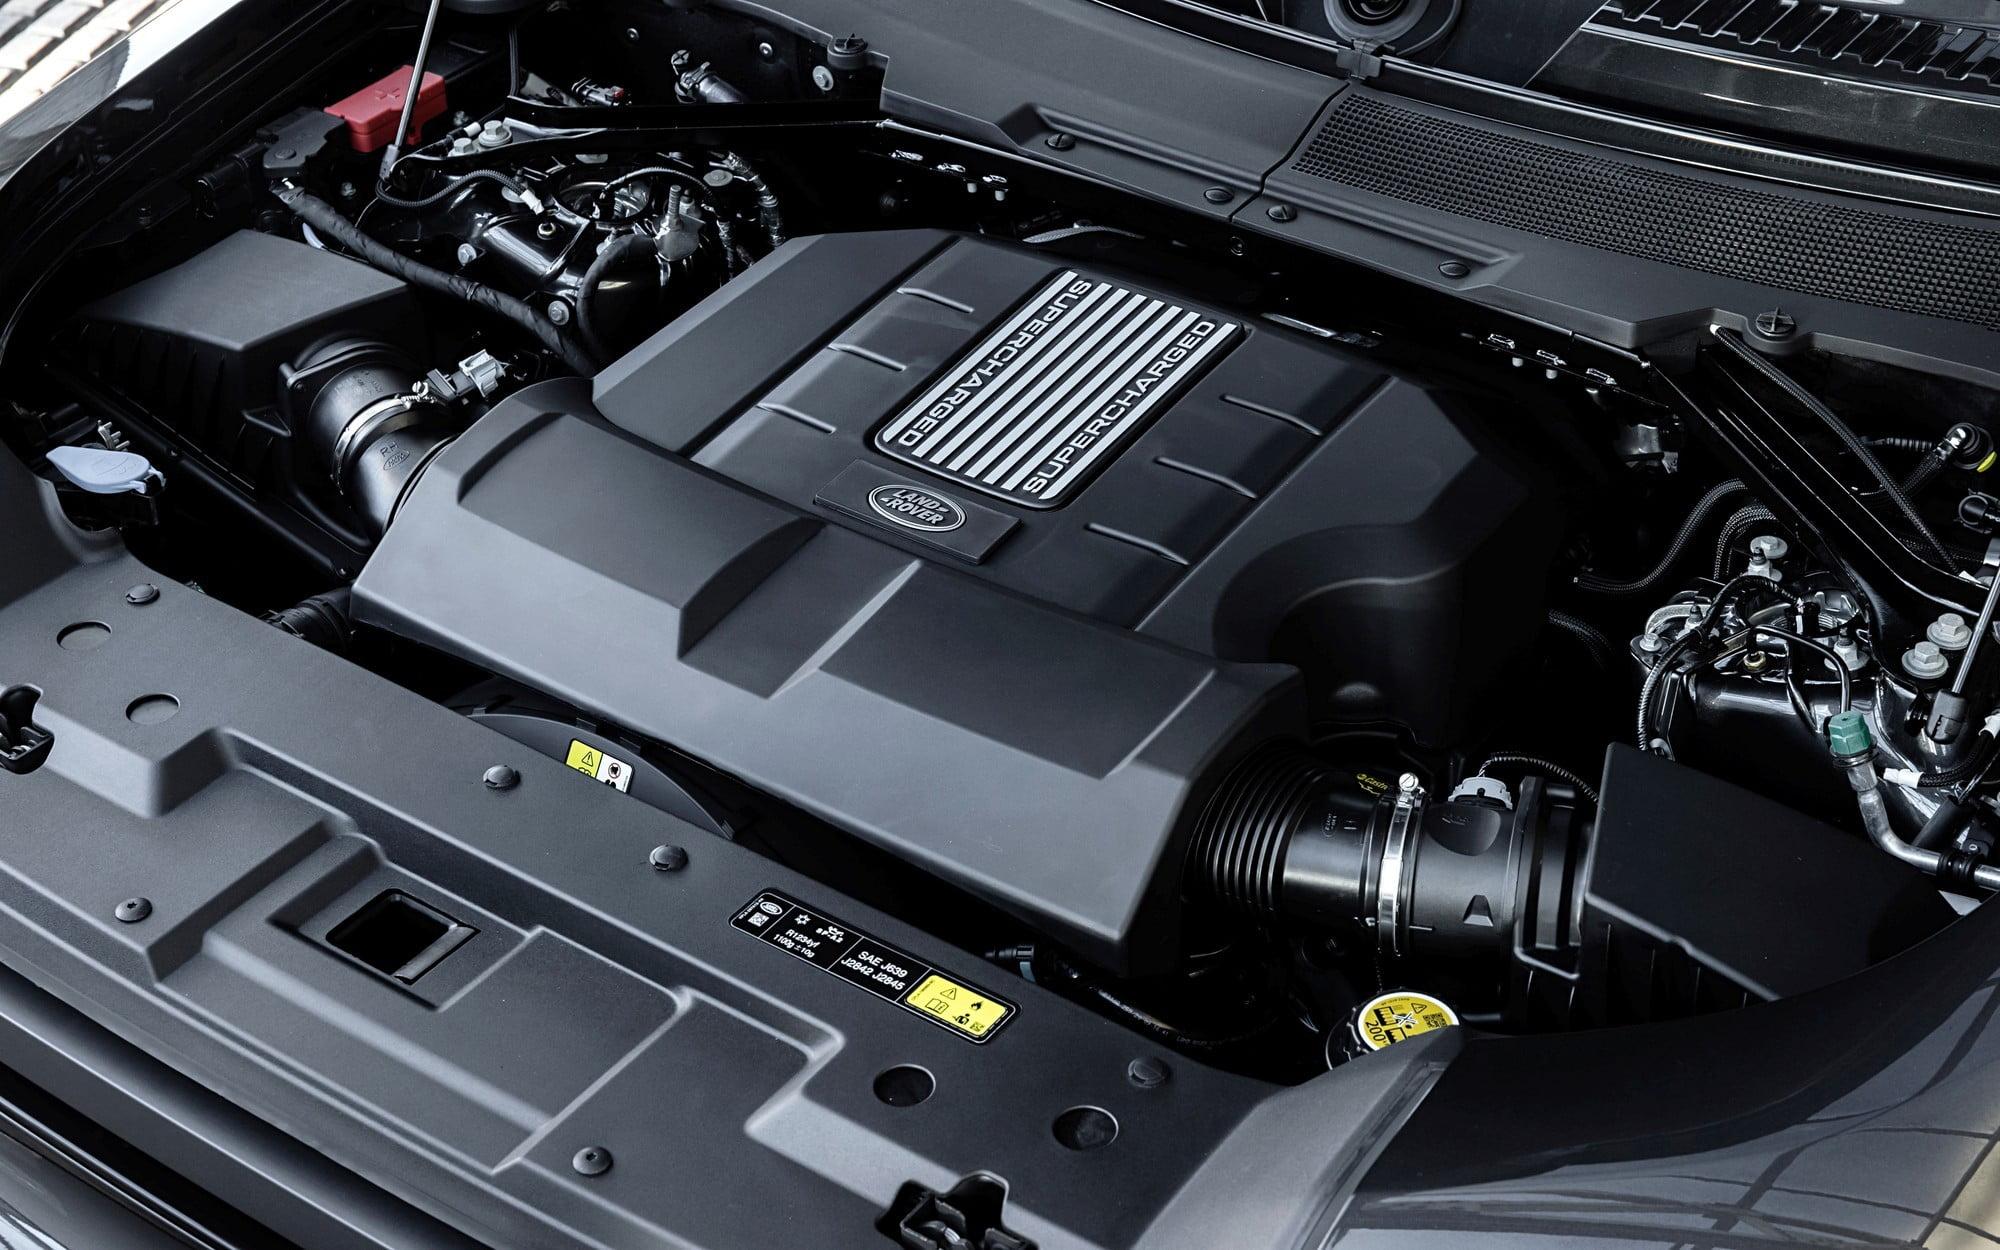 Engines power Land Defender V8